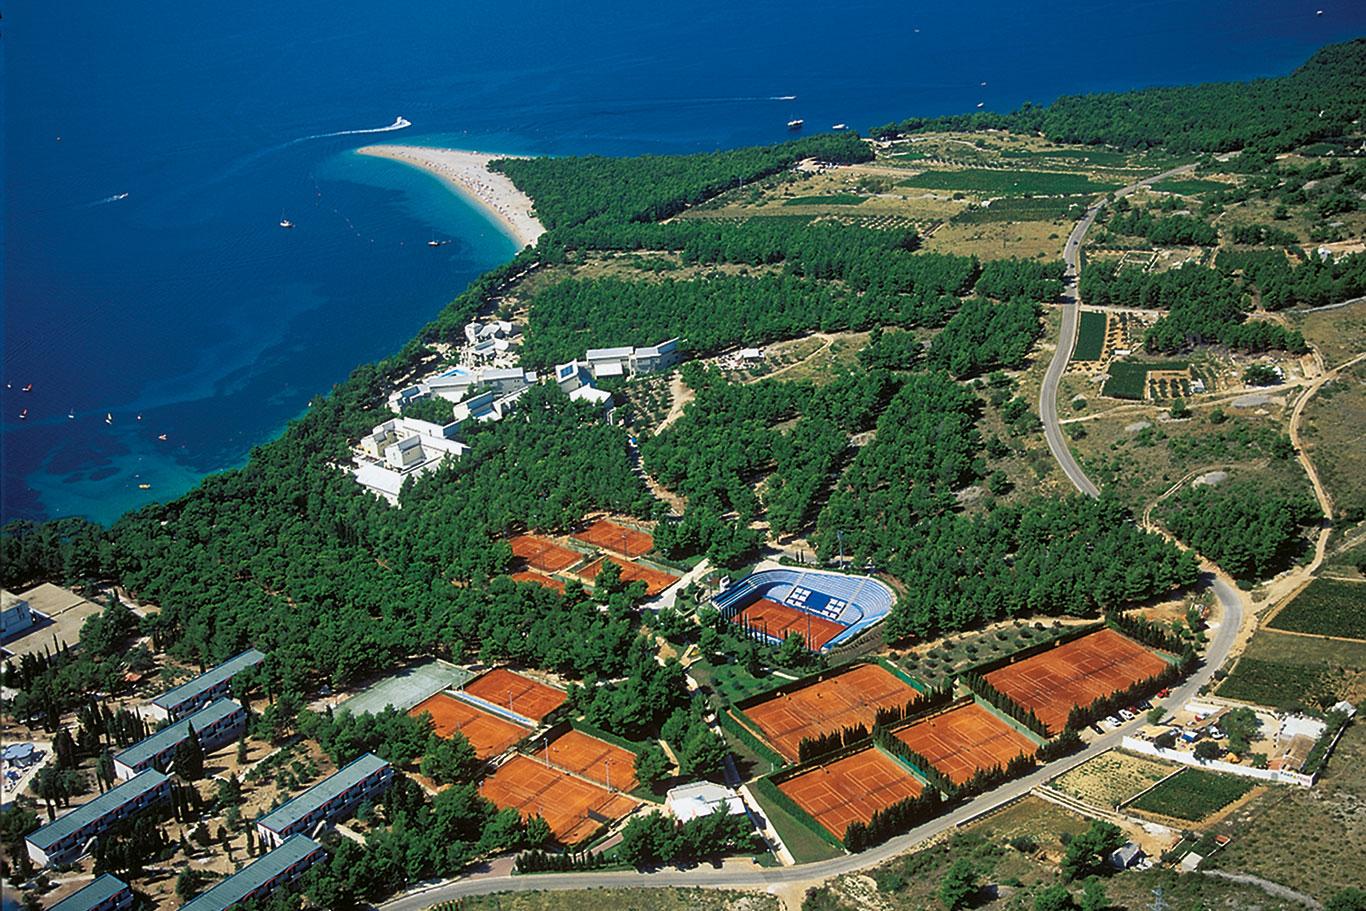 Bei Patricio Travel dreht sich die Welt um Tennis